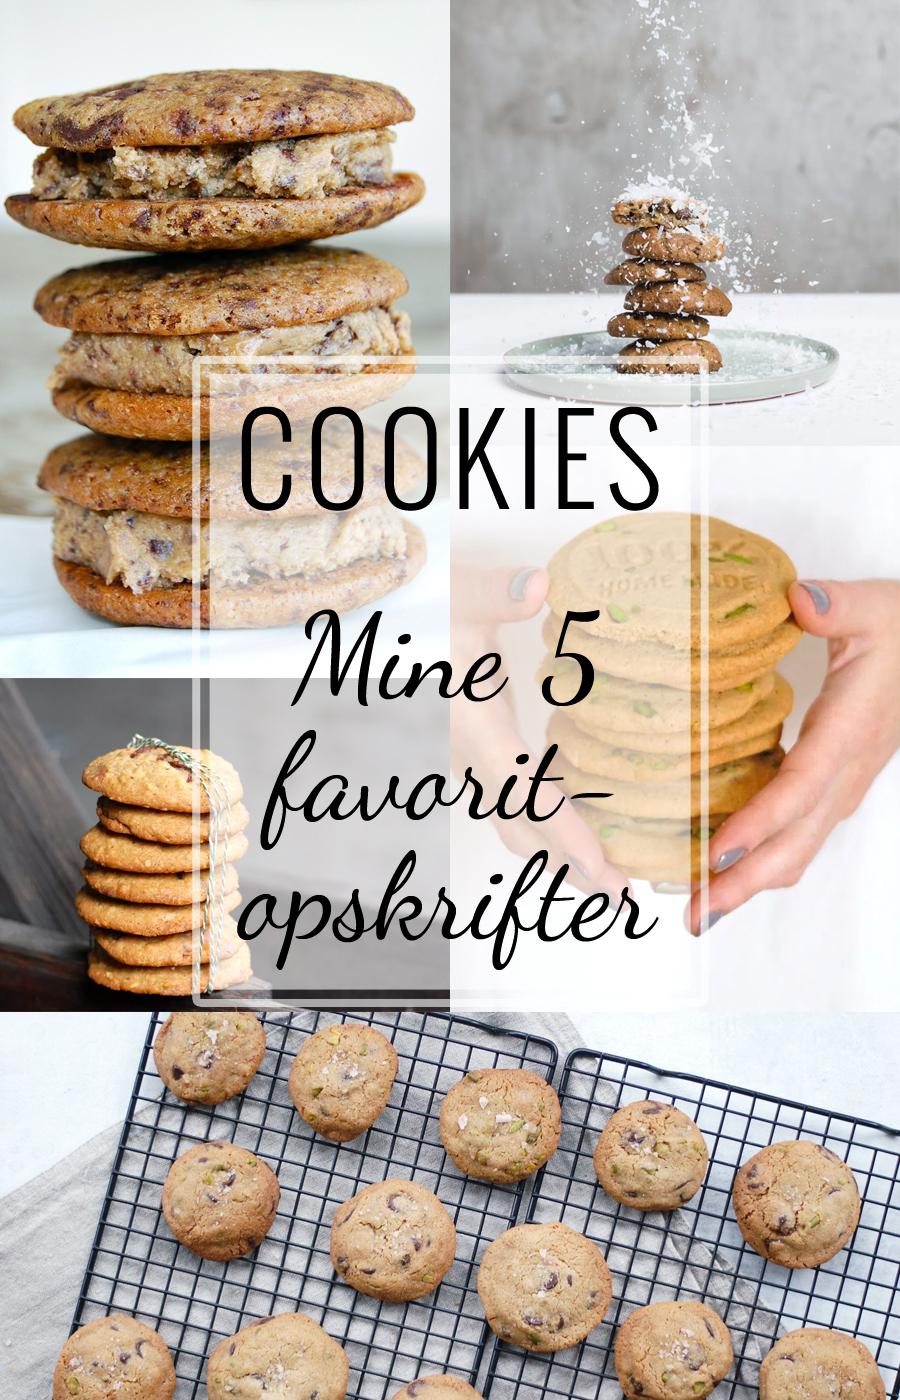 Cookies-copenhagen-cakes-favoritopskrifter